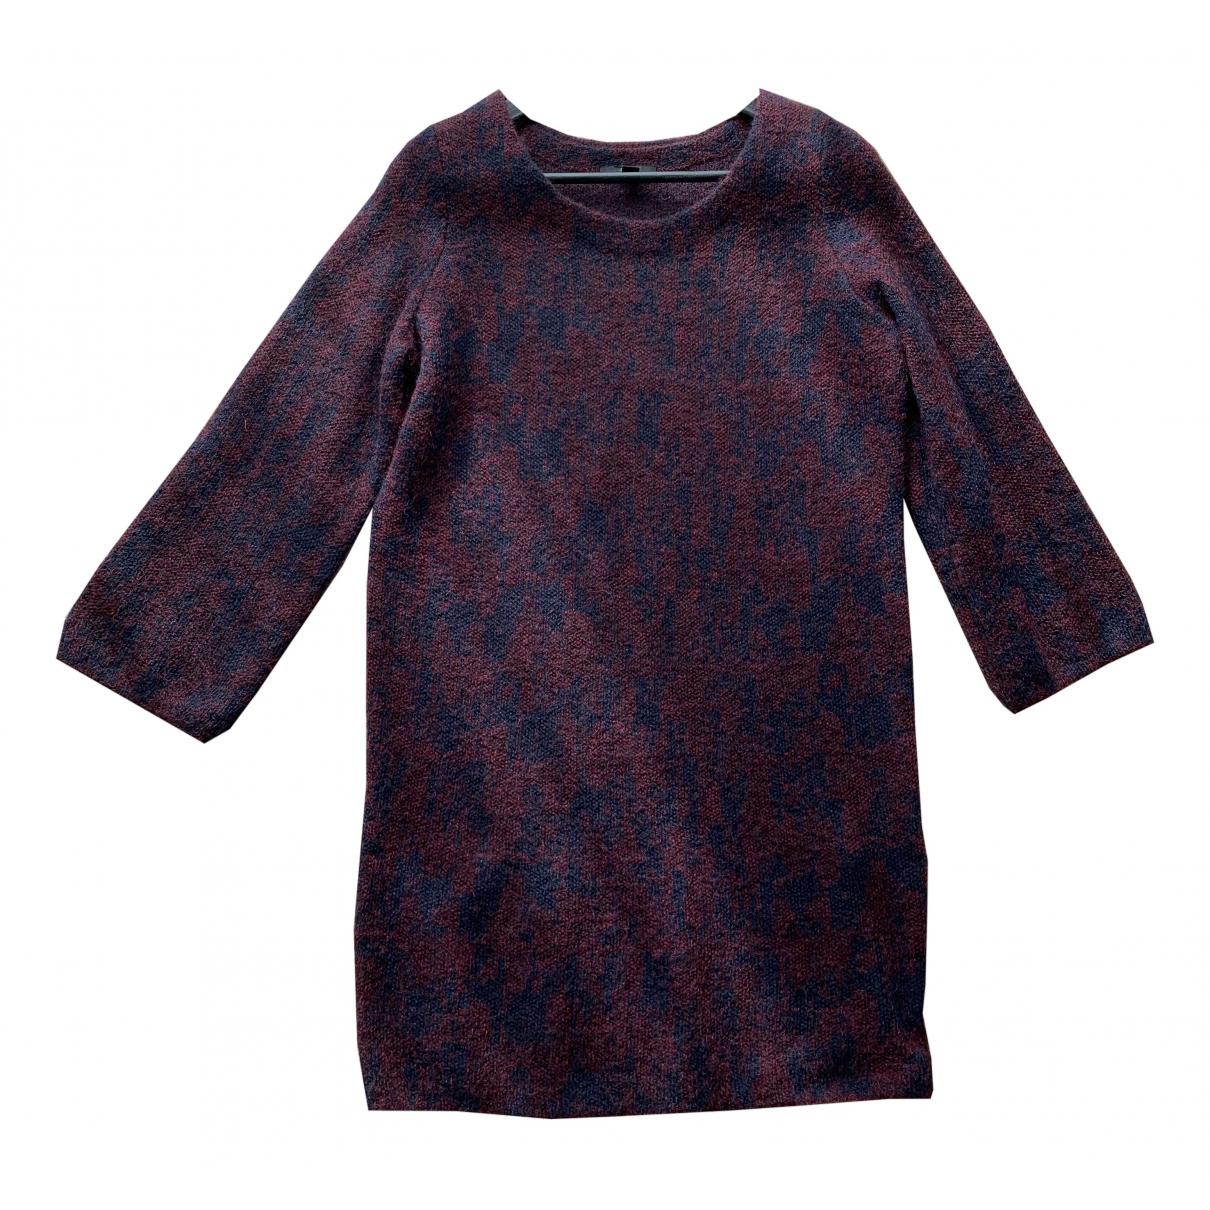 Cos \N Kleid in  Bordeauxrot Wolle